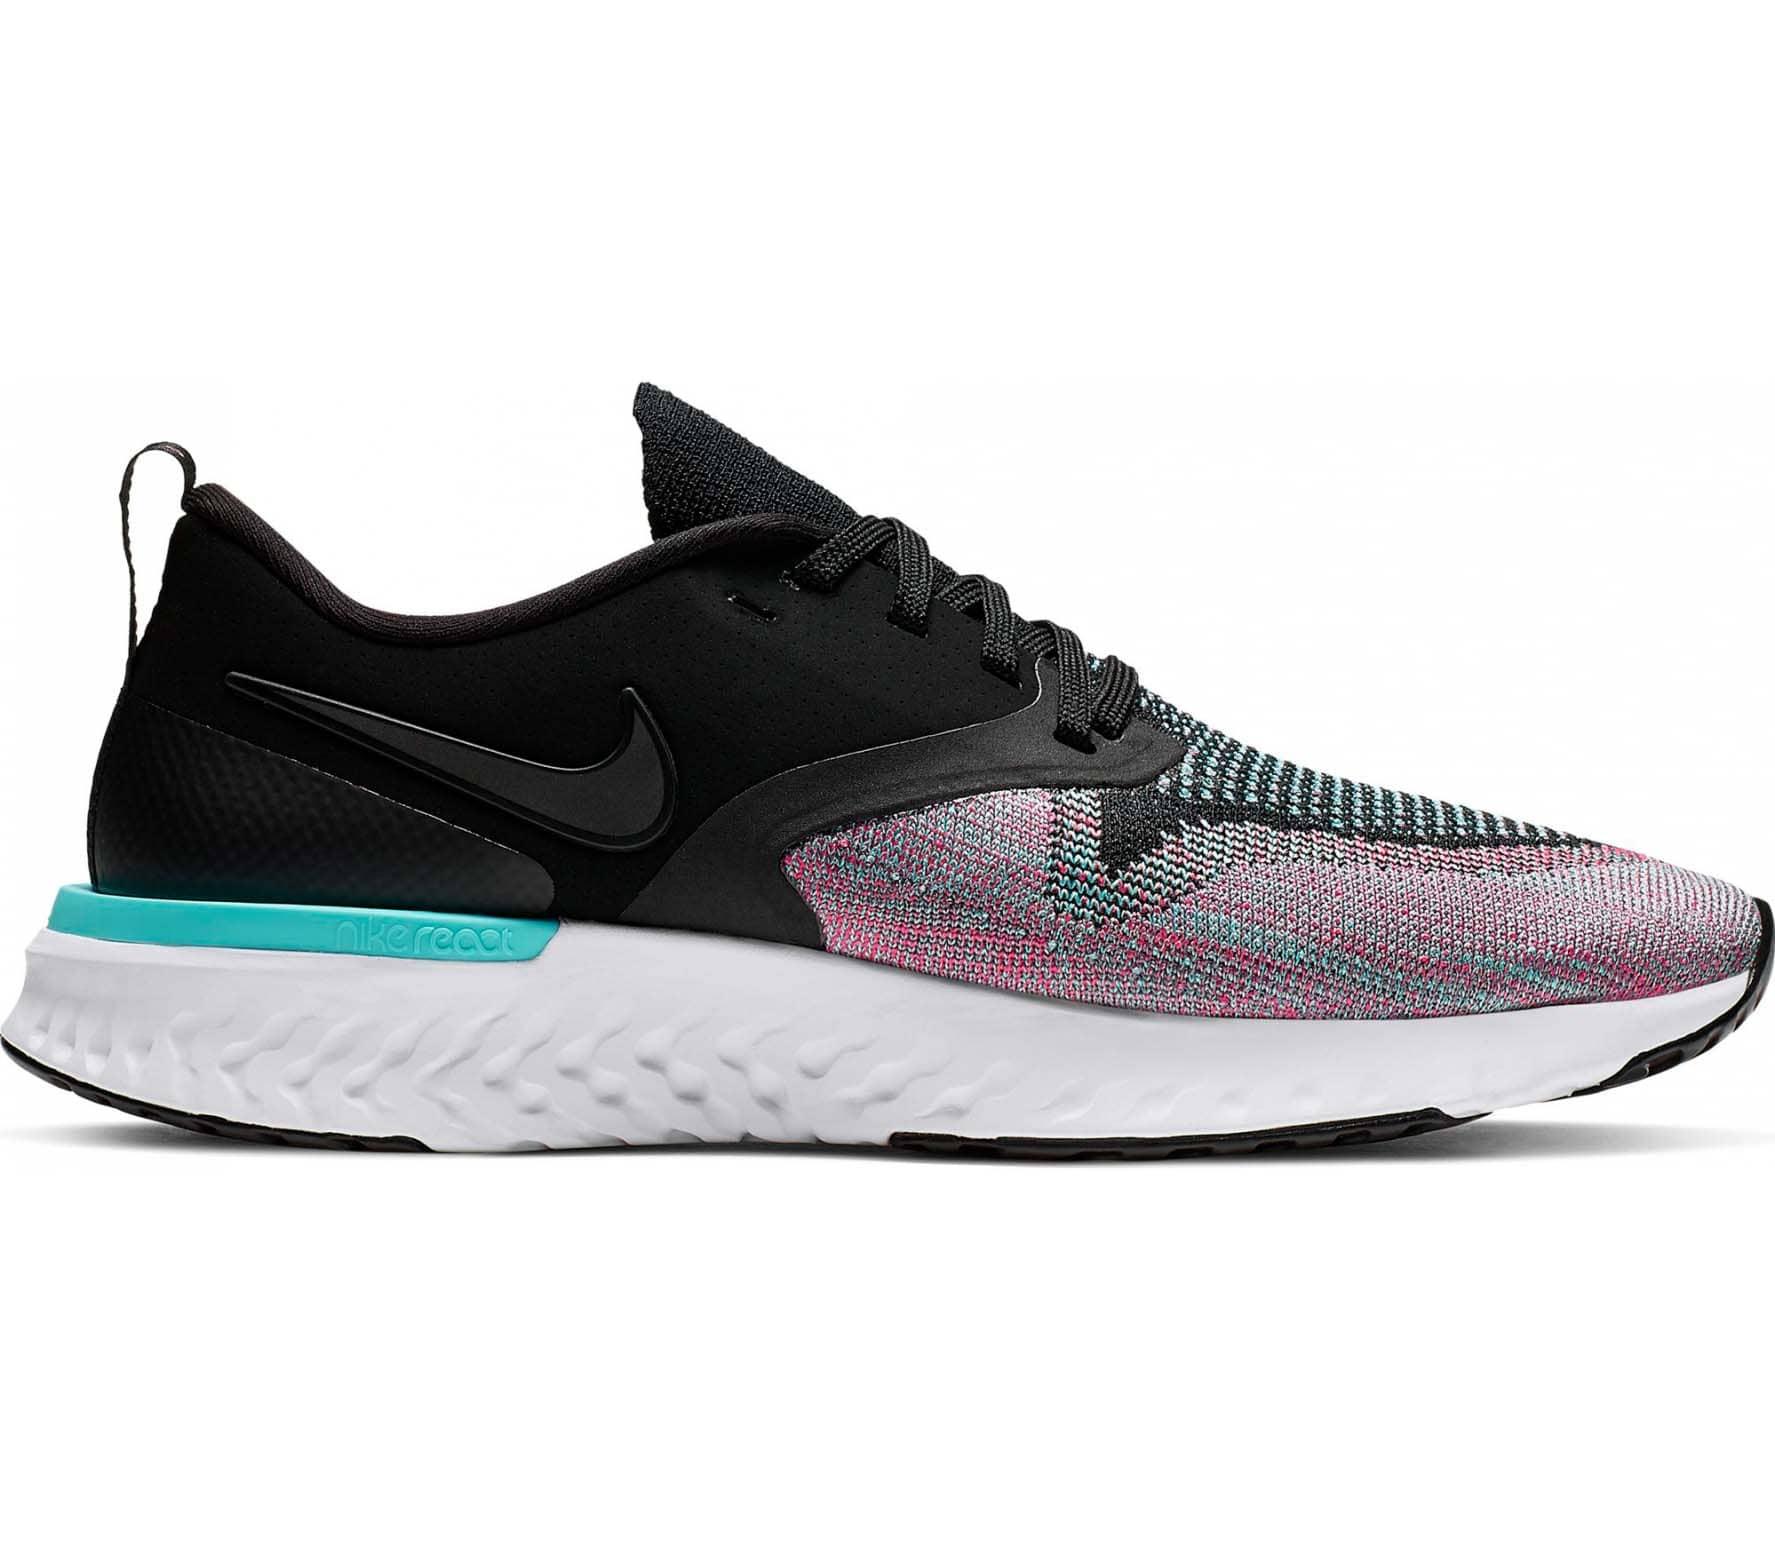 Zwarte damesschoen met print Nike - AH1016 003